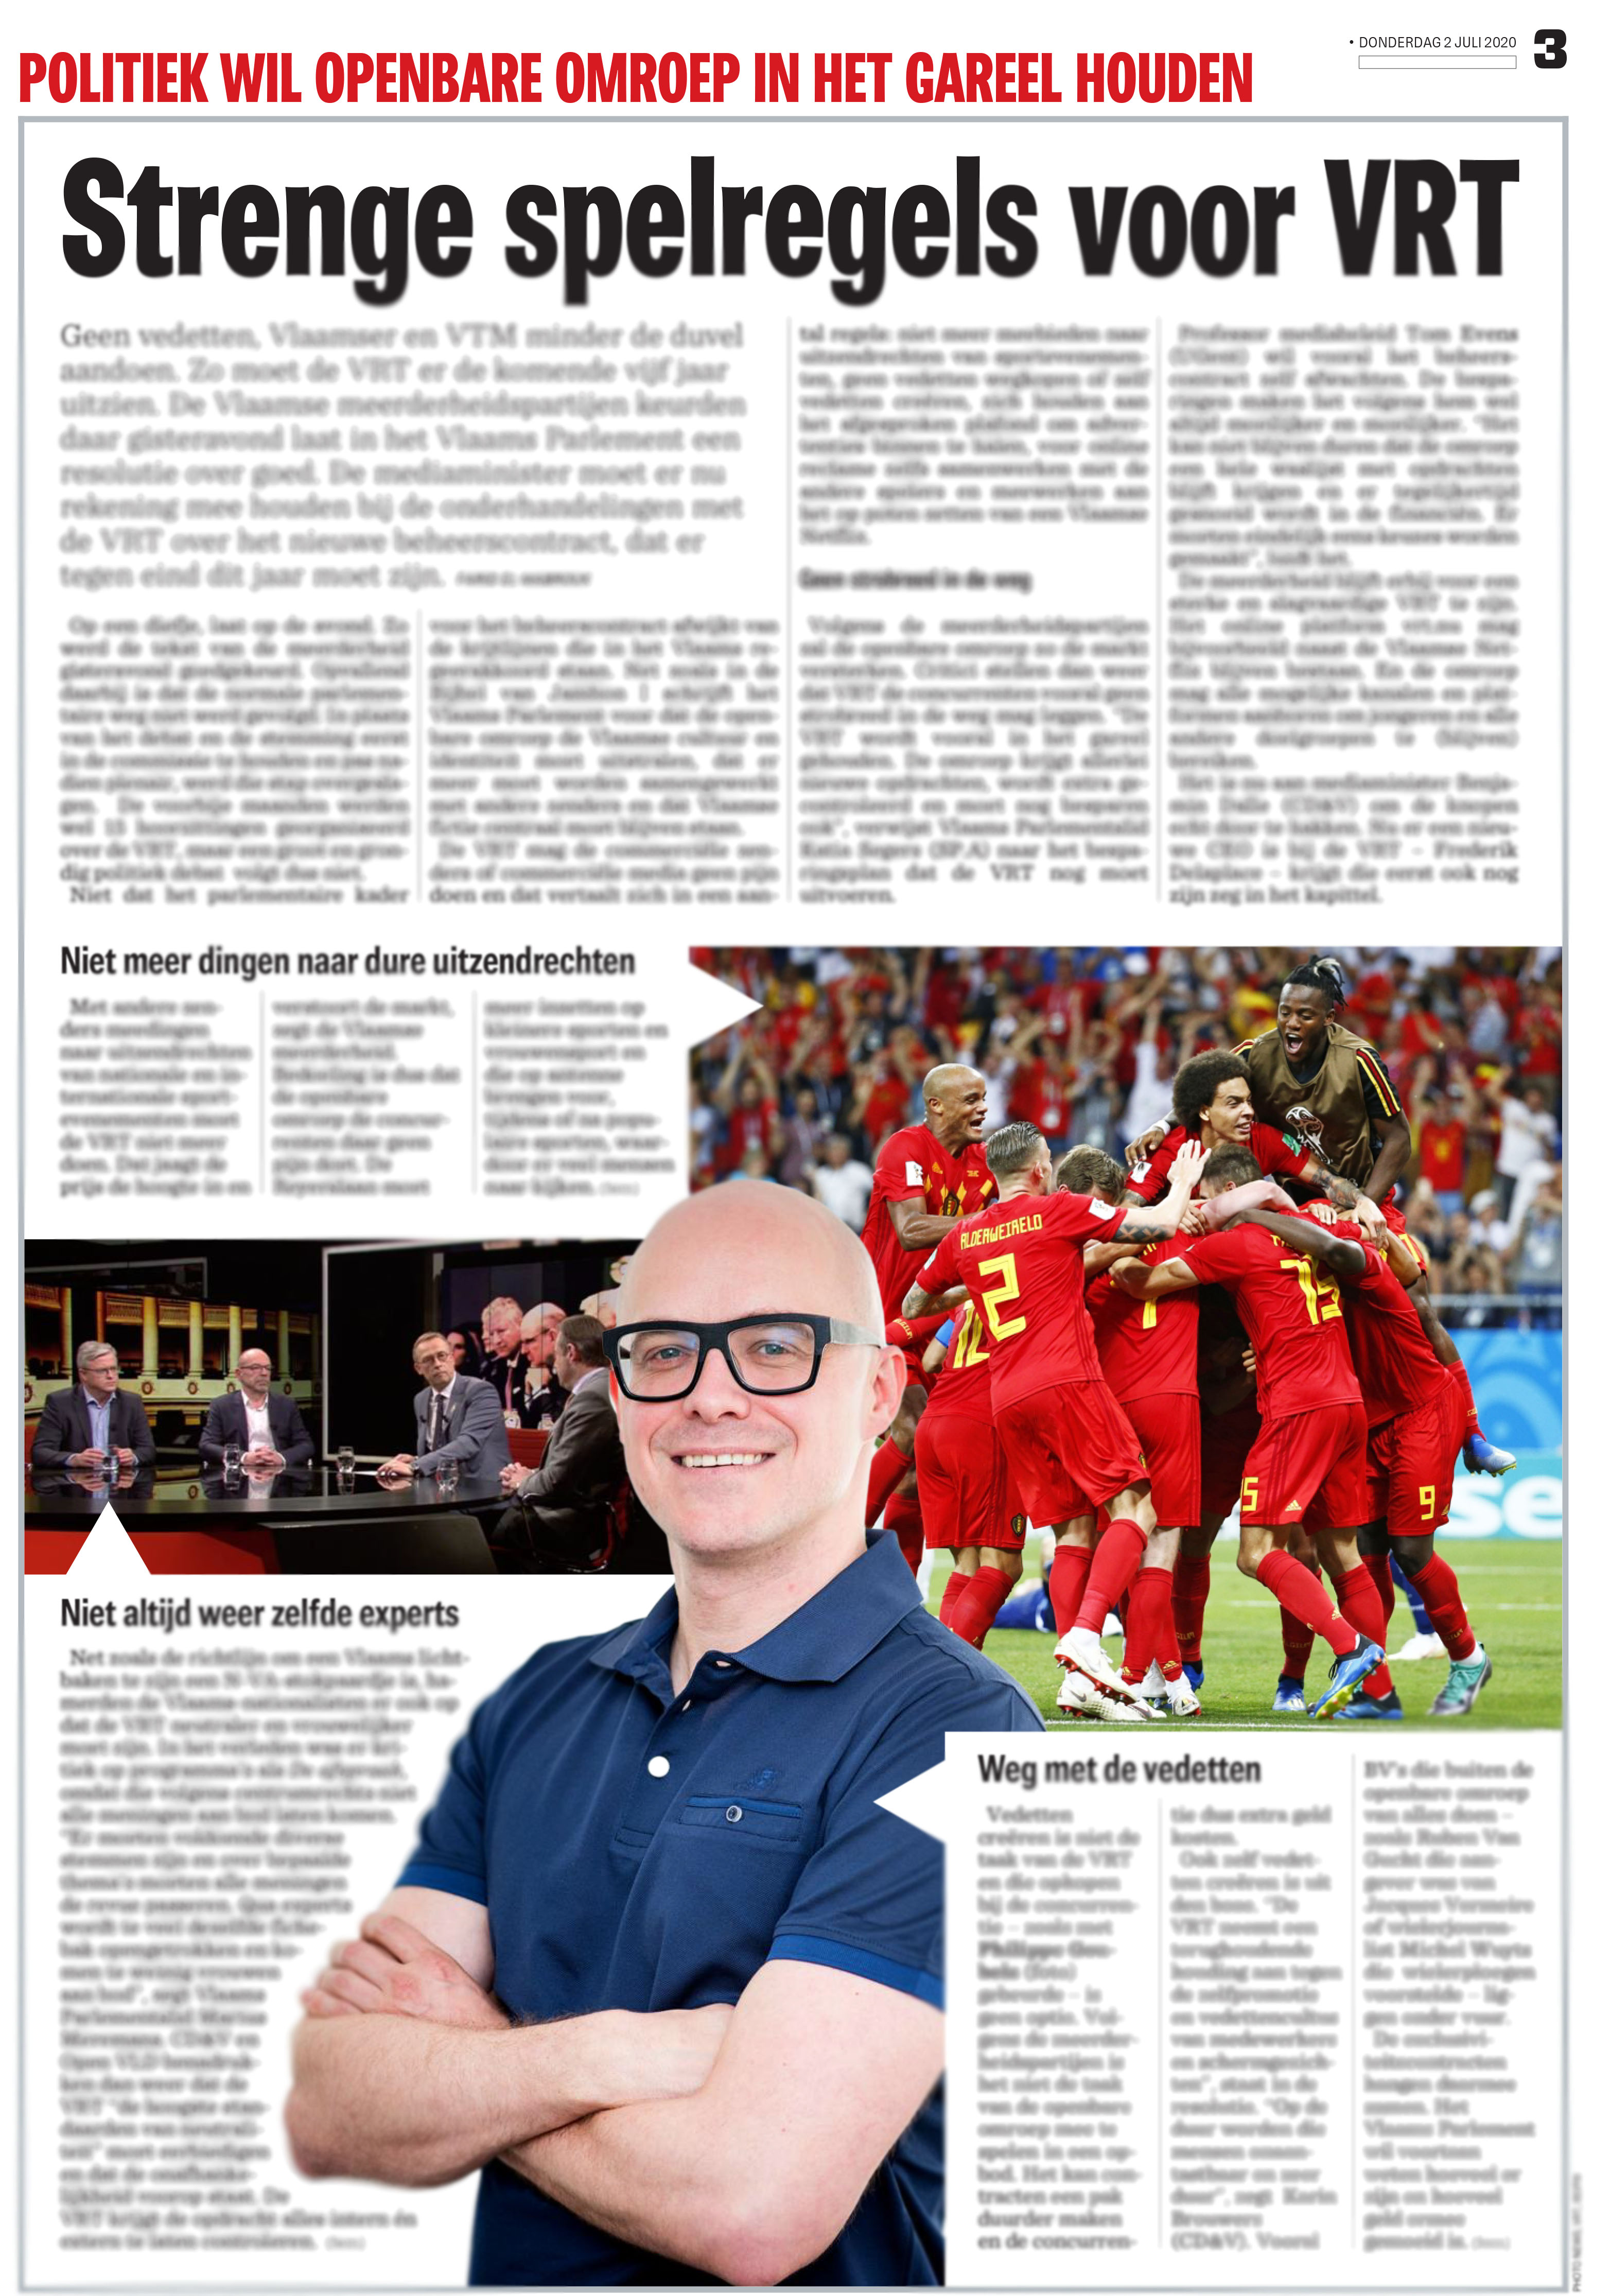 BRON: Het Nieuwsblad, 02/07/2020, p 3